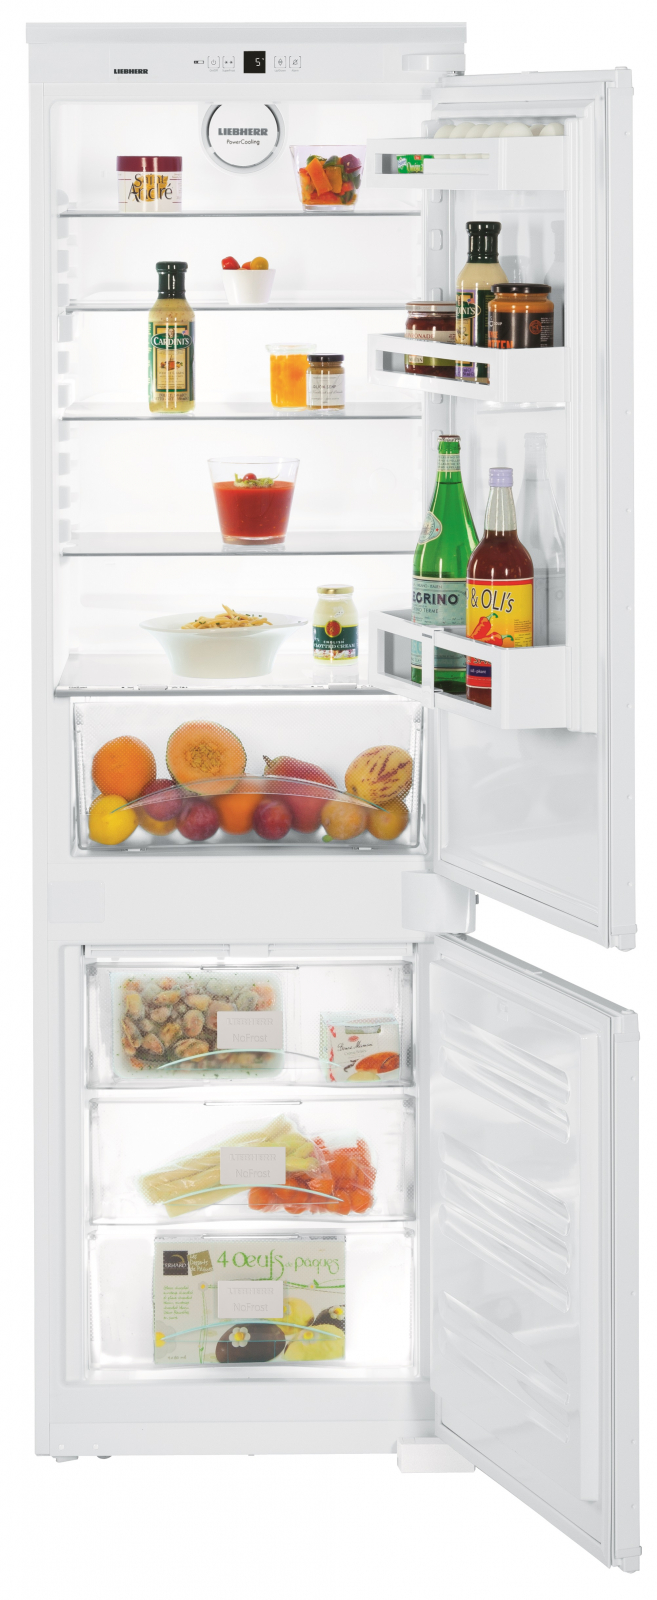 Встраиваемый двухкамерный холодильник Liebherr ICUNS 3324 купить украина